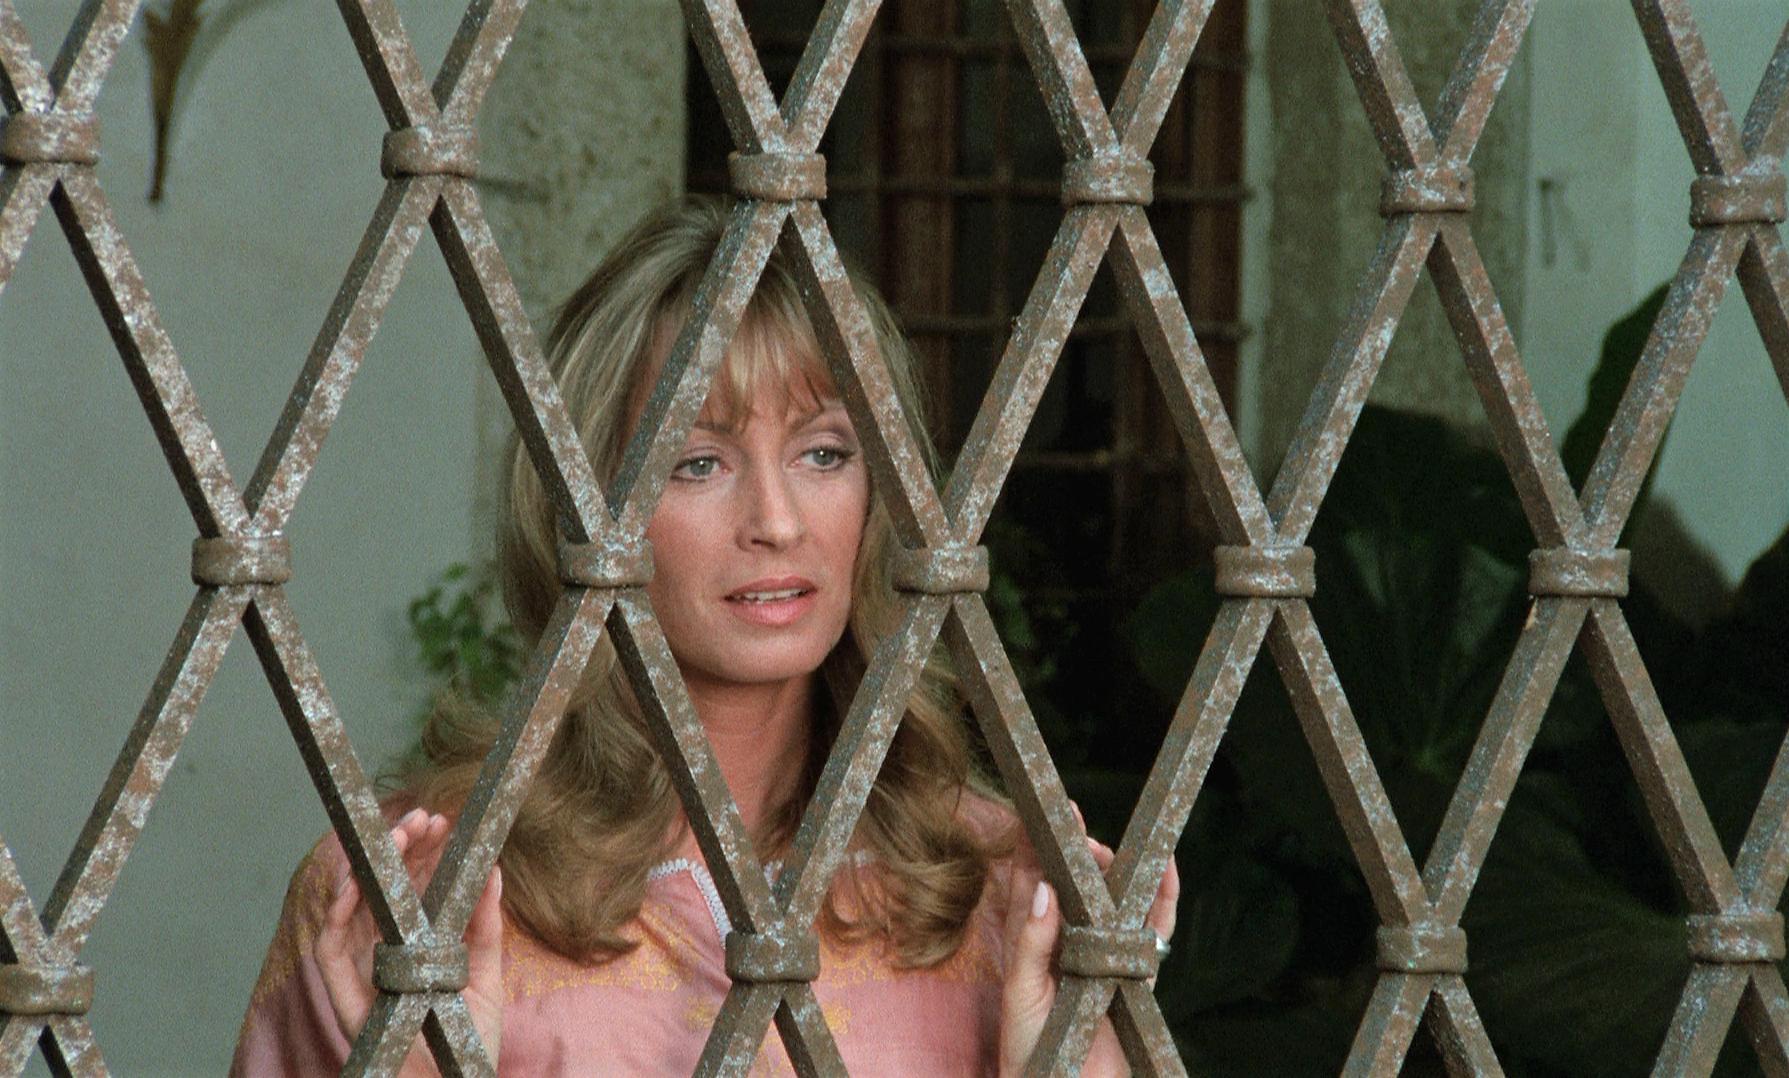 Suzy Kendall in I corpi presentano tracce di violenza carnale (1973)